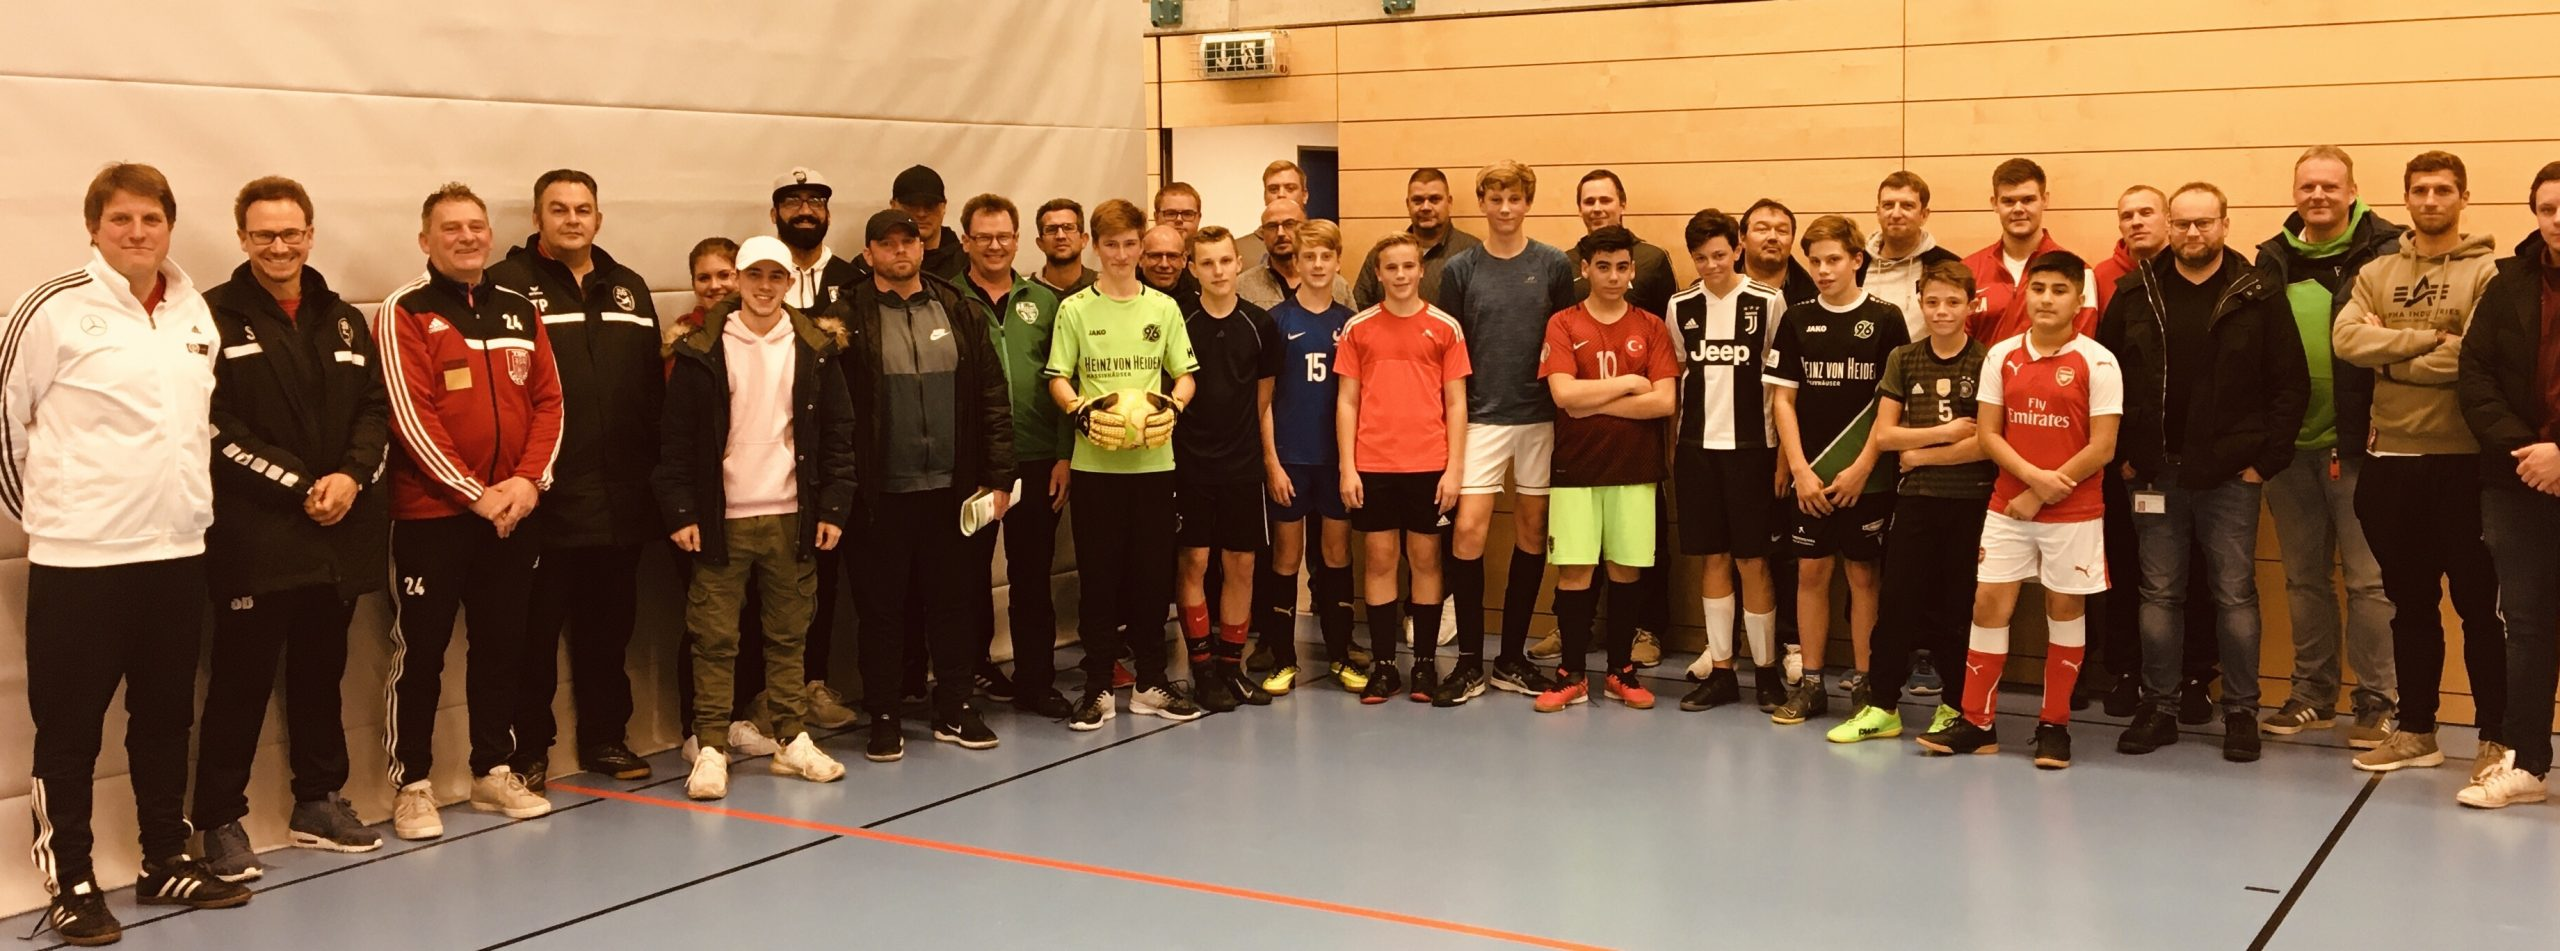 Neunte Fußballtrainerfortbildung im Stadtgebiet in den letzten vier Jahren